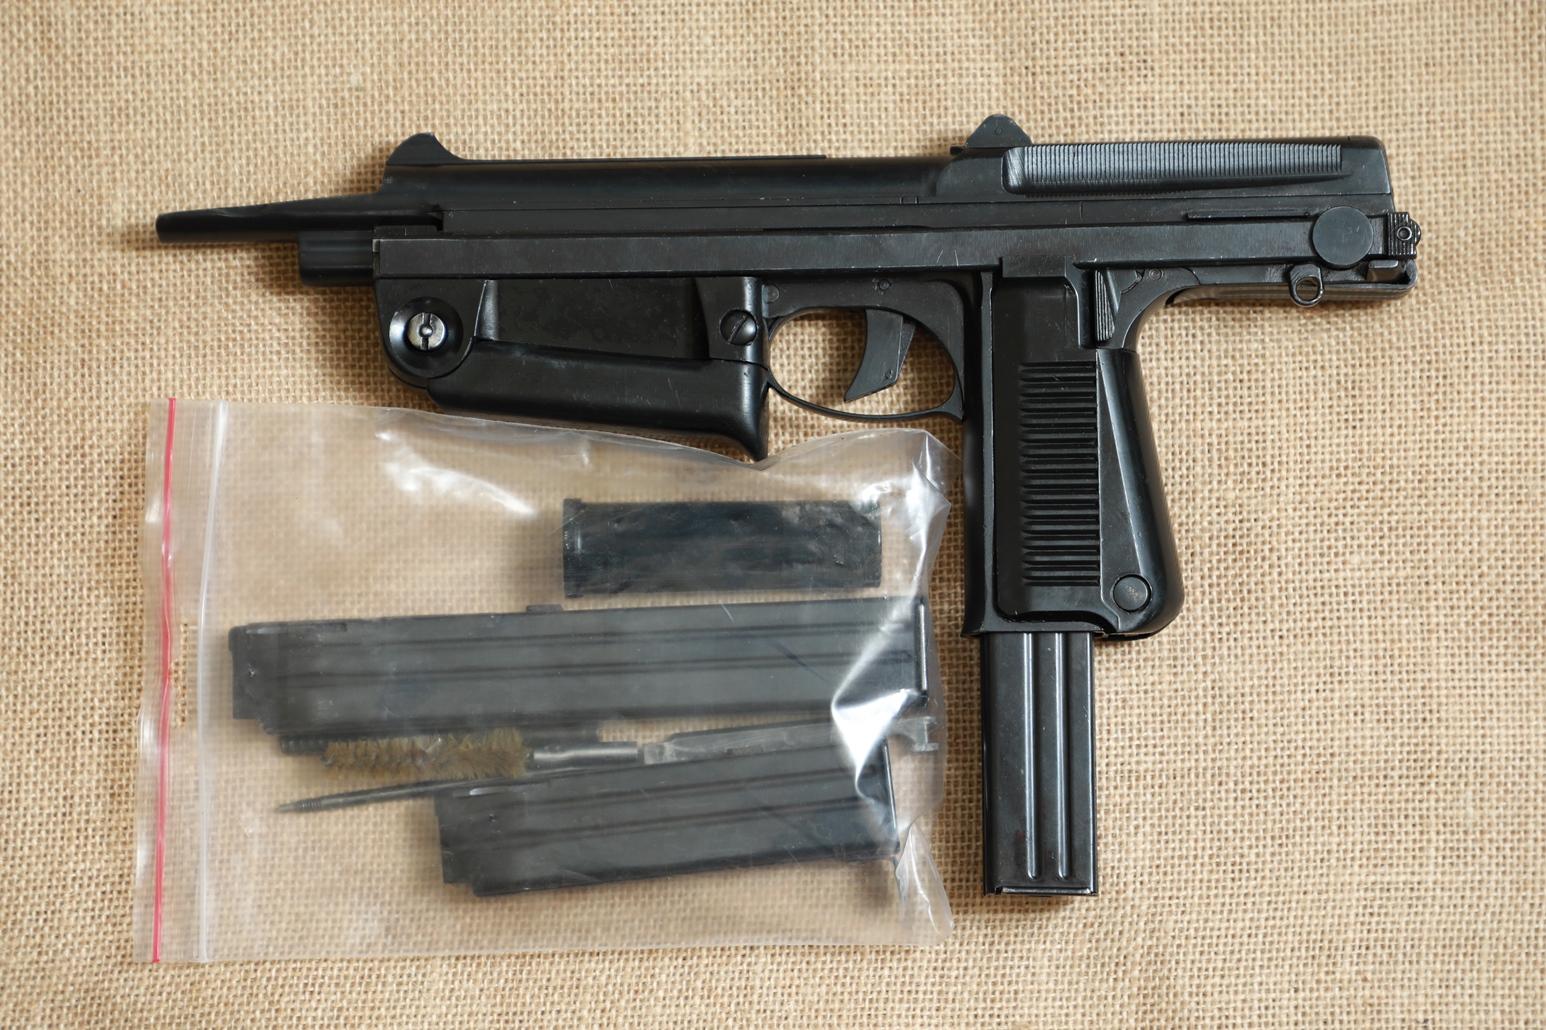 Фото Охолощенный пистолет-пулемет RAK-63 #AM 12561 1969 год, 1 категория